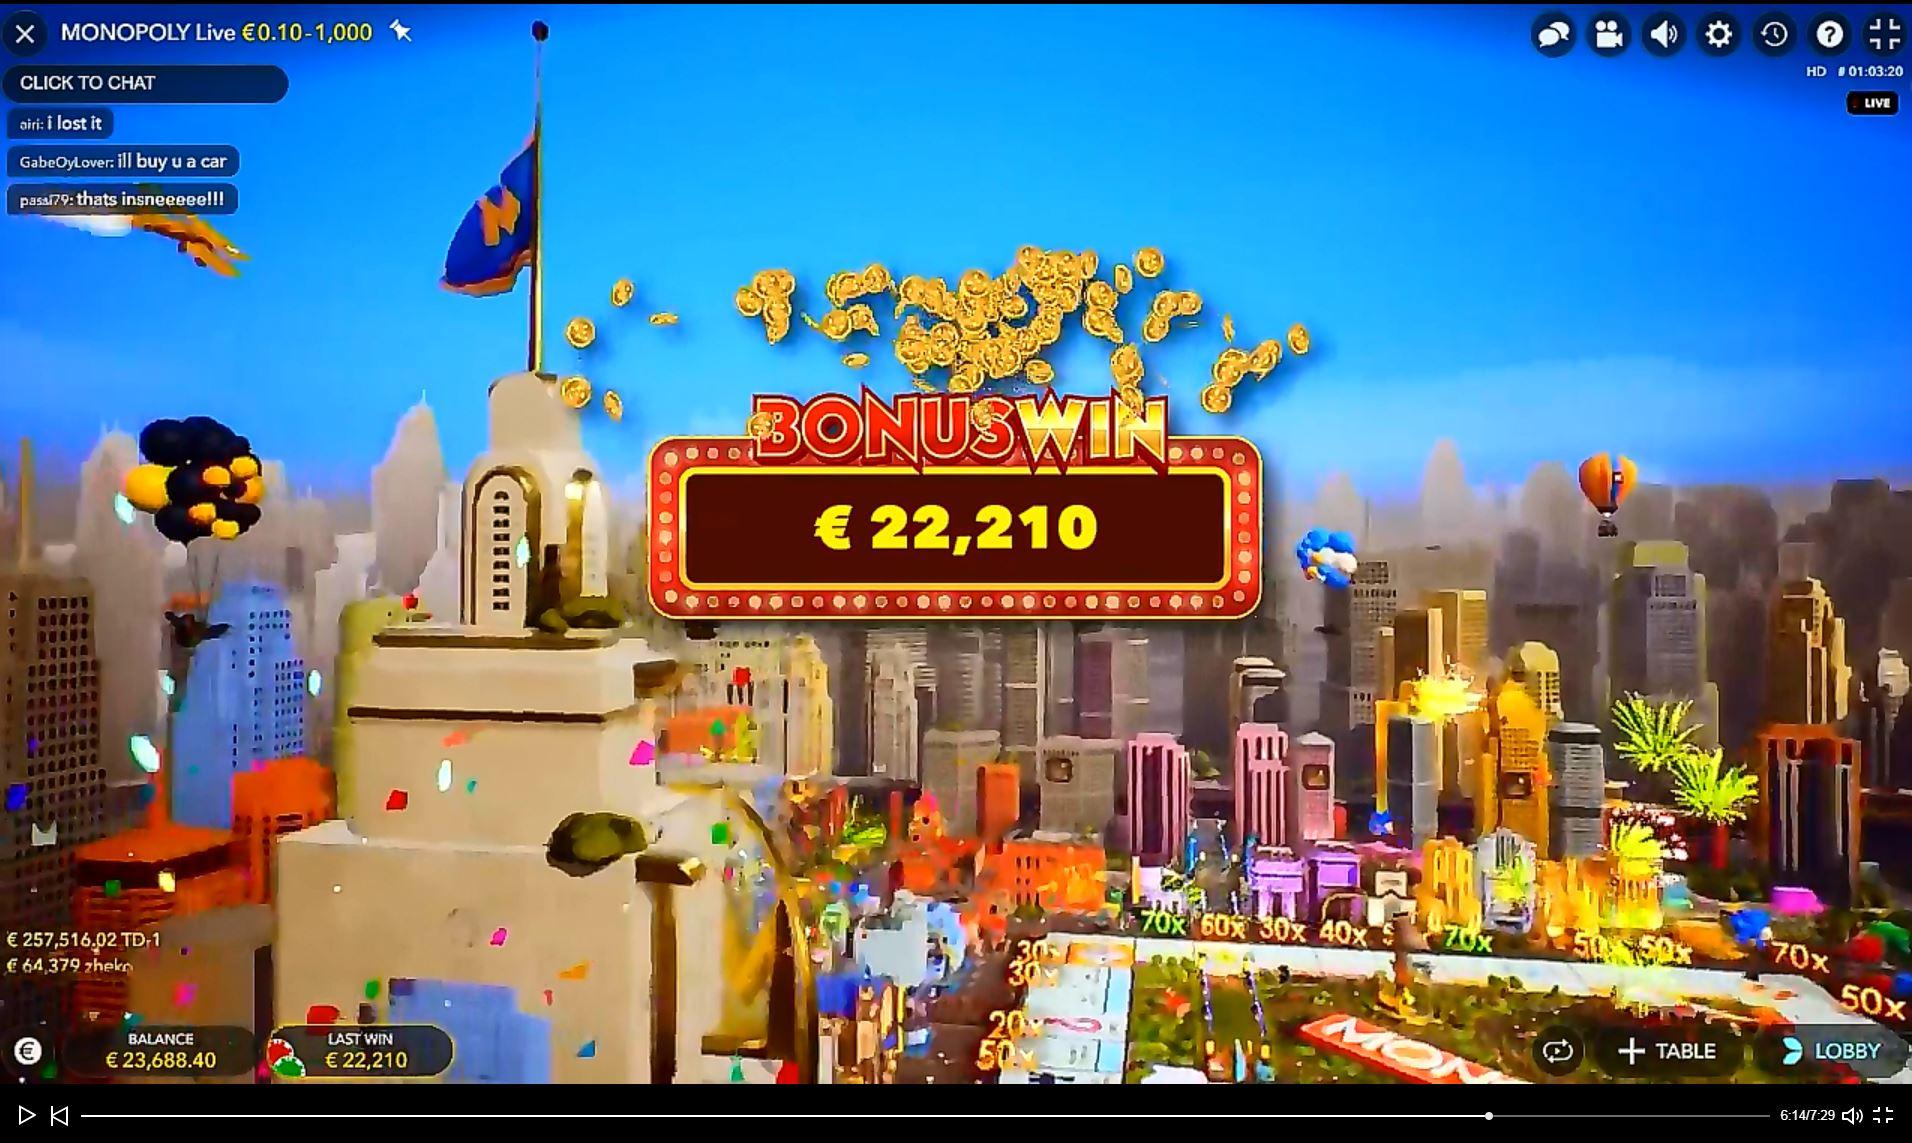 Biggest casino wins 26582